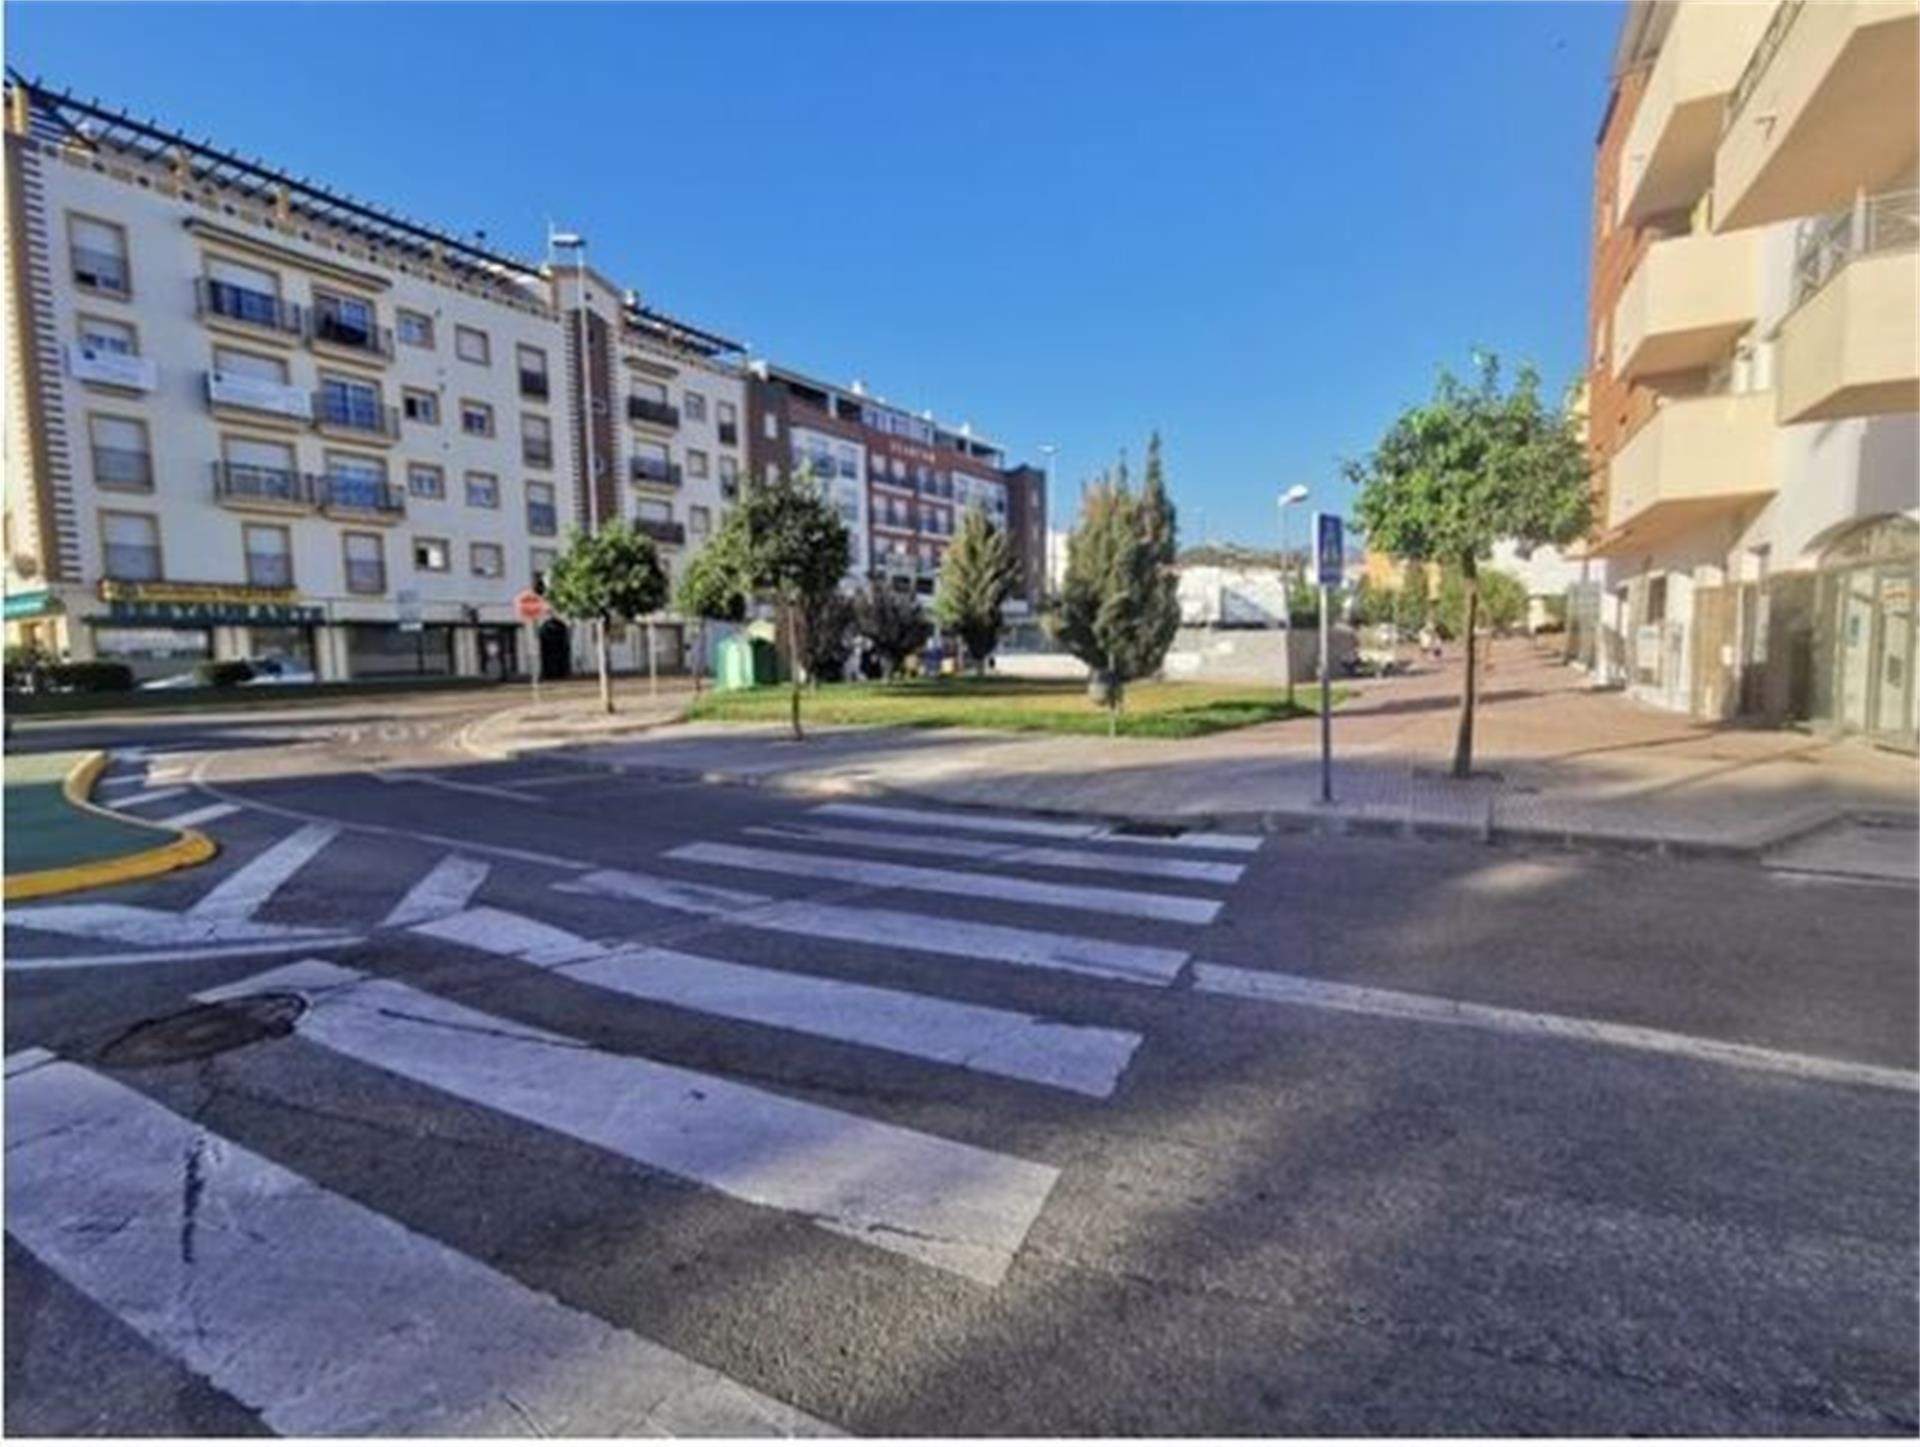 Local de alquiler en Plaza Calle Aceituneros, Hispanidad - Vivar Téllez (Vélez-Málaga, Málaga)